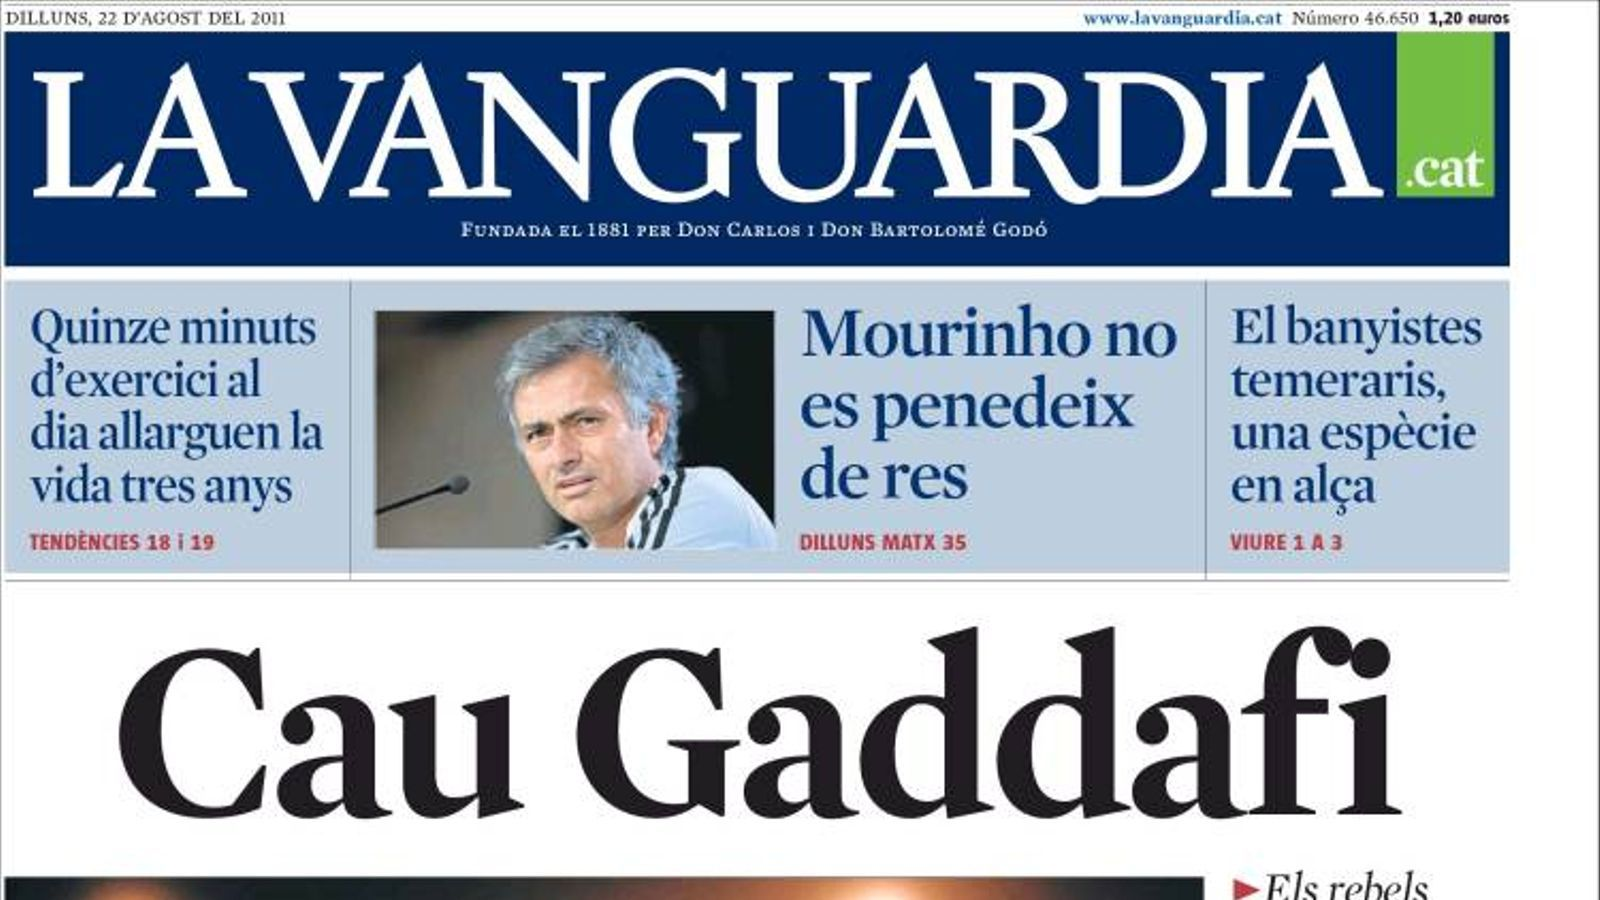 Cau gaddafi a la portada de 39 la vanguardia 39 - Portada de la vanguardia ...